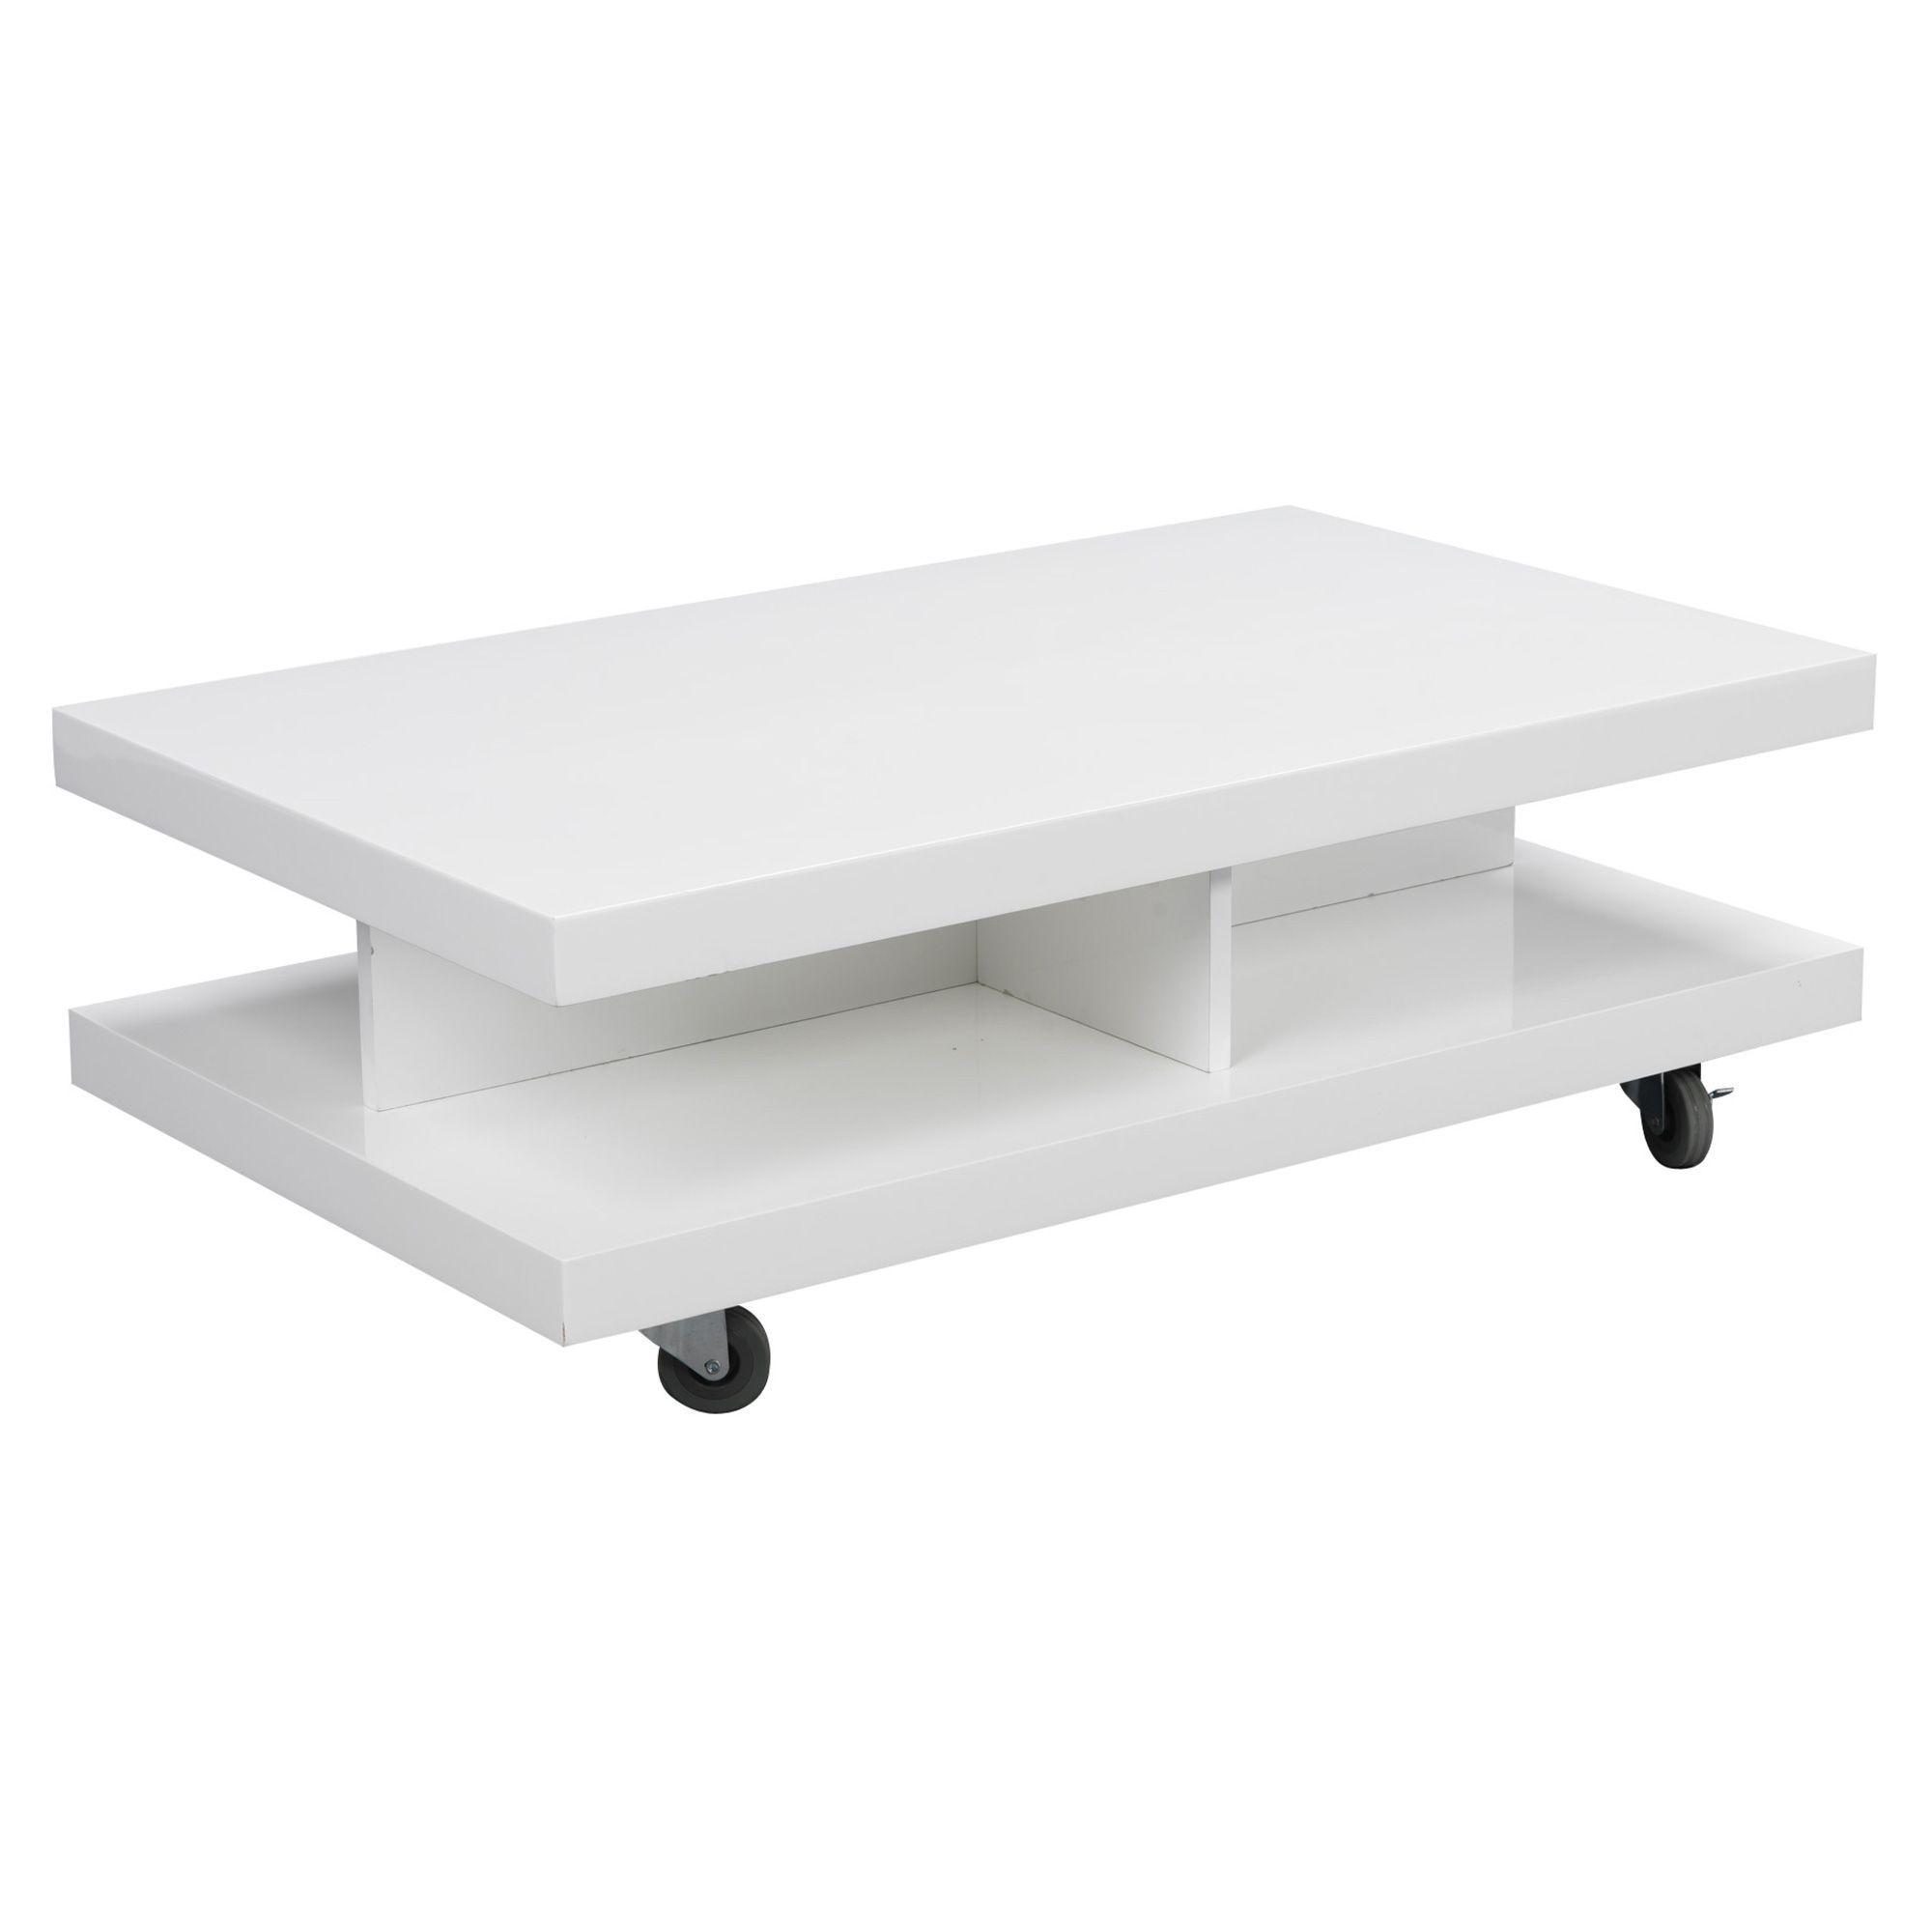 58fea94ead70fb40f82753e63b33b973 Luxe De Table Basse Blanche Laquee Des Idées